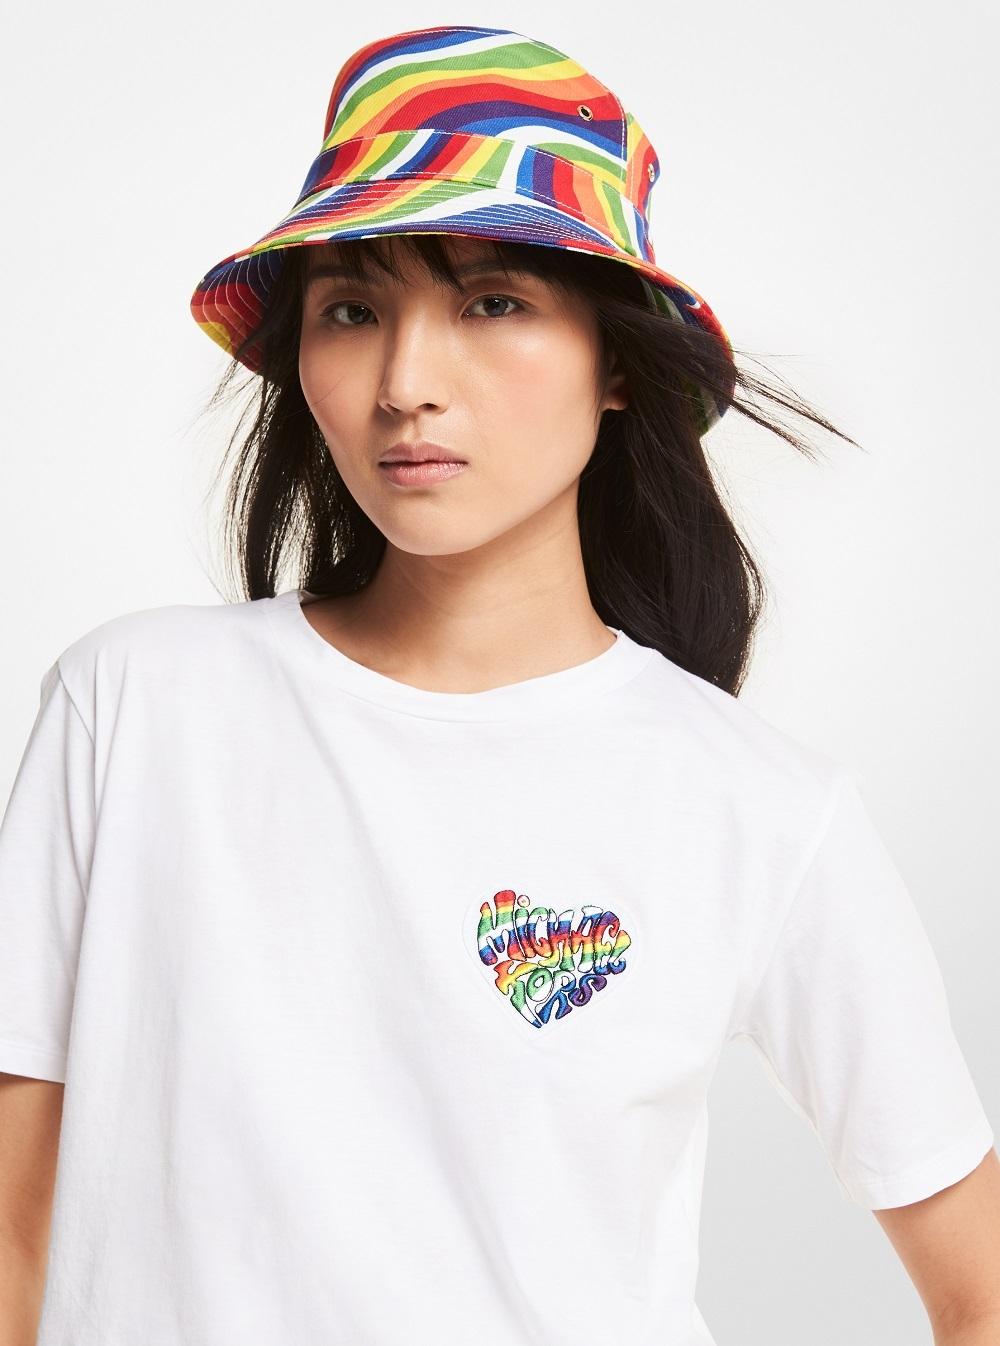 穿上最美彩虹!Michael Kors膠囊系列迎接同志驕傲月